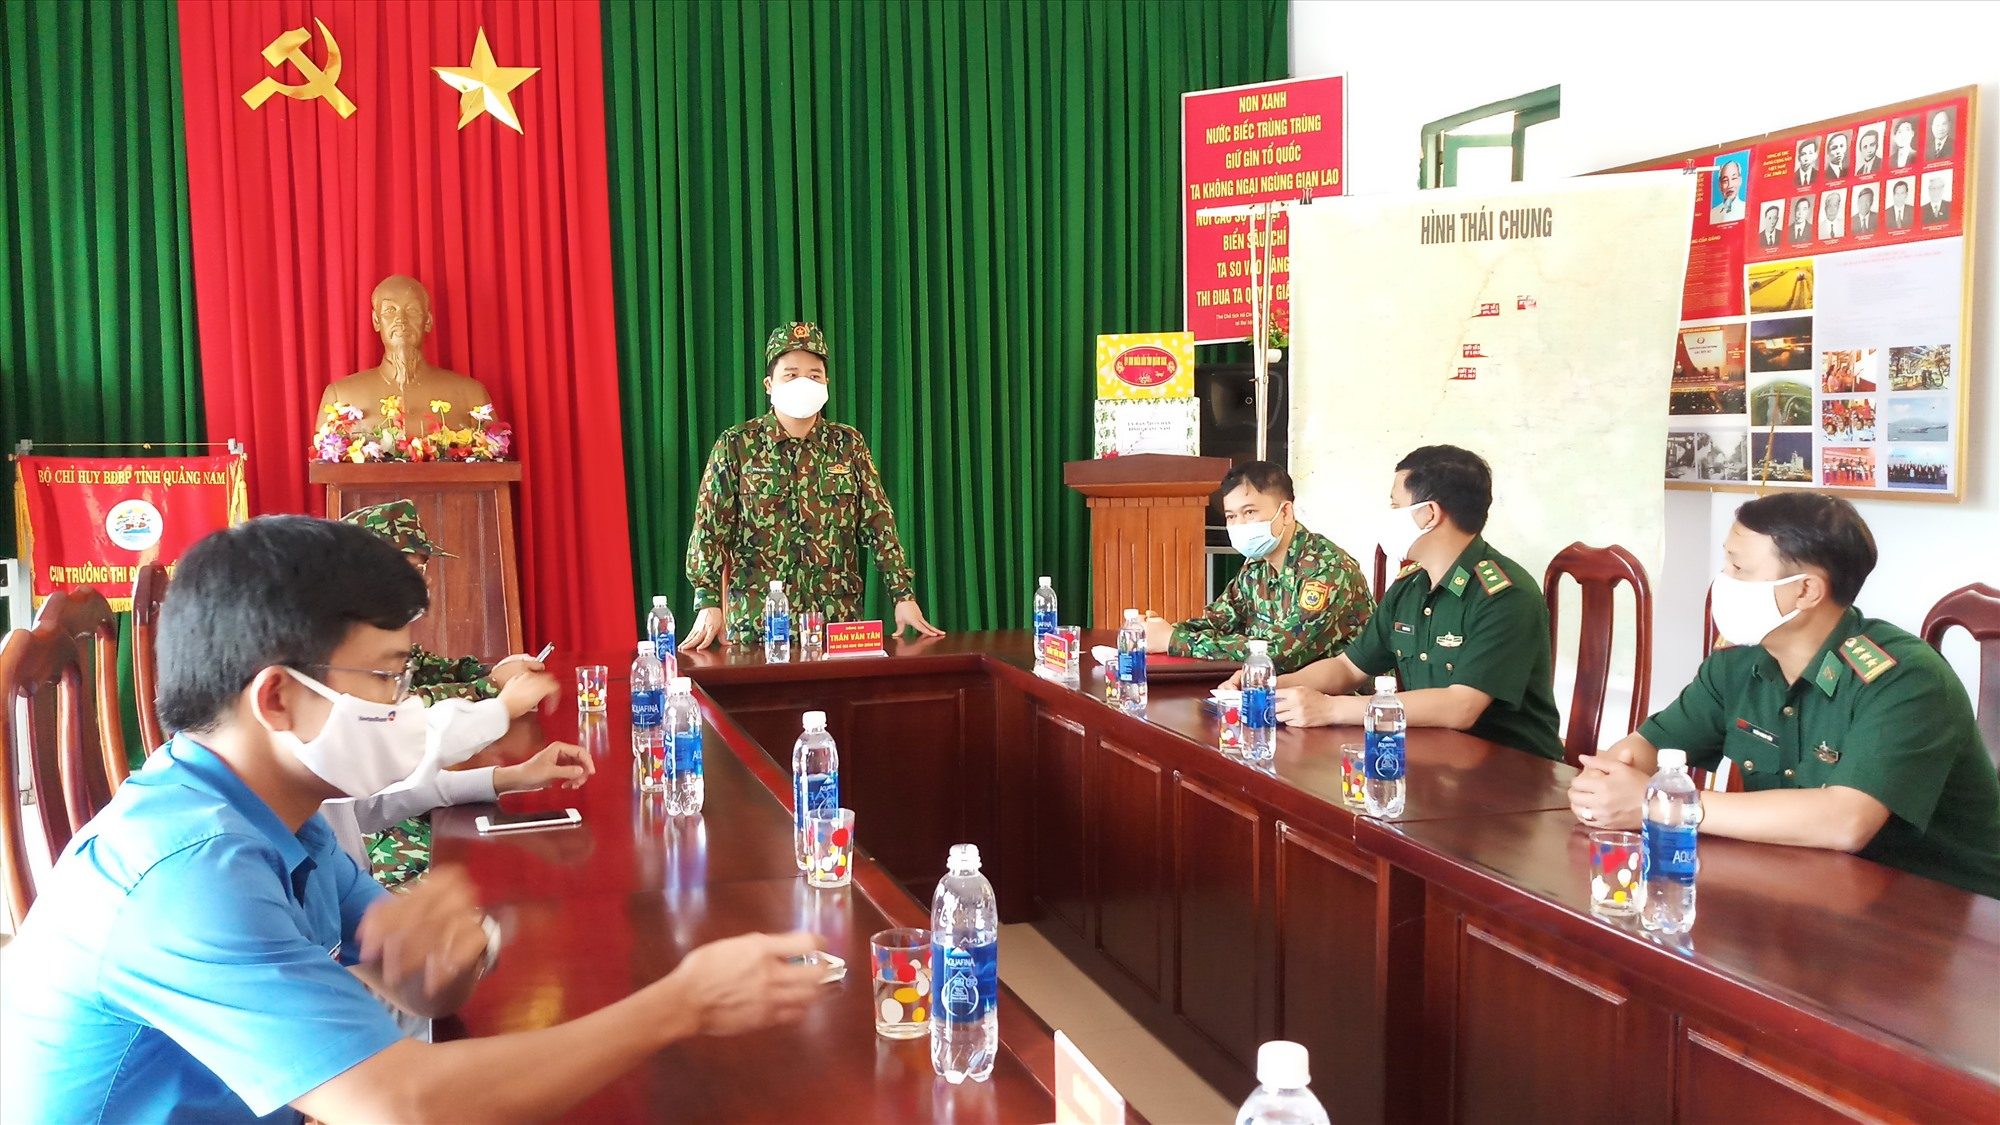 Tại buổi kiểm tra, Phó Chủ tịch UBND tỉnh Trần Văn Tân biểu dương các chiến sĩ Đồn Biên phòng A Nông trong công tác triển khai phòng chống dịch Covid-19 thời gian qua. Ảnh: A.N